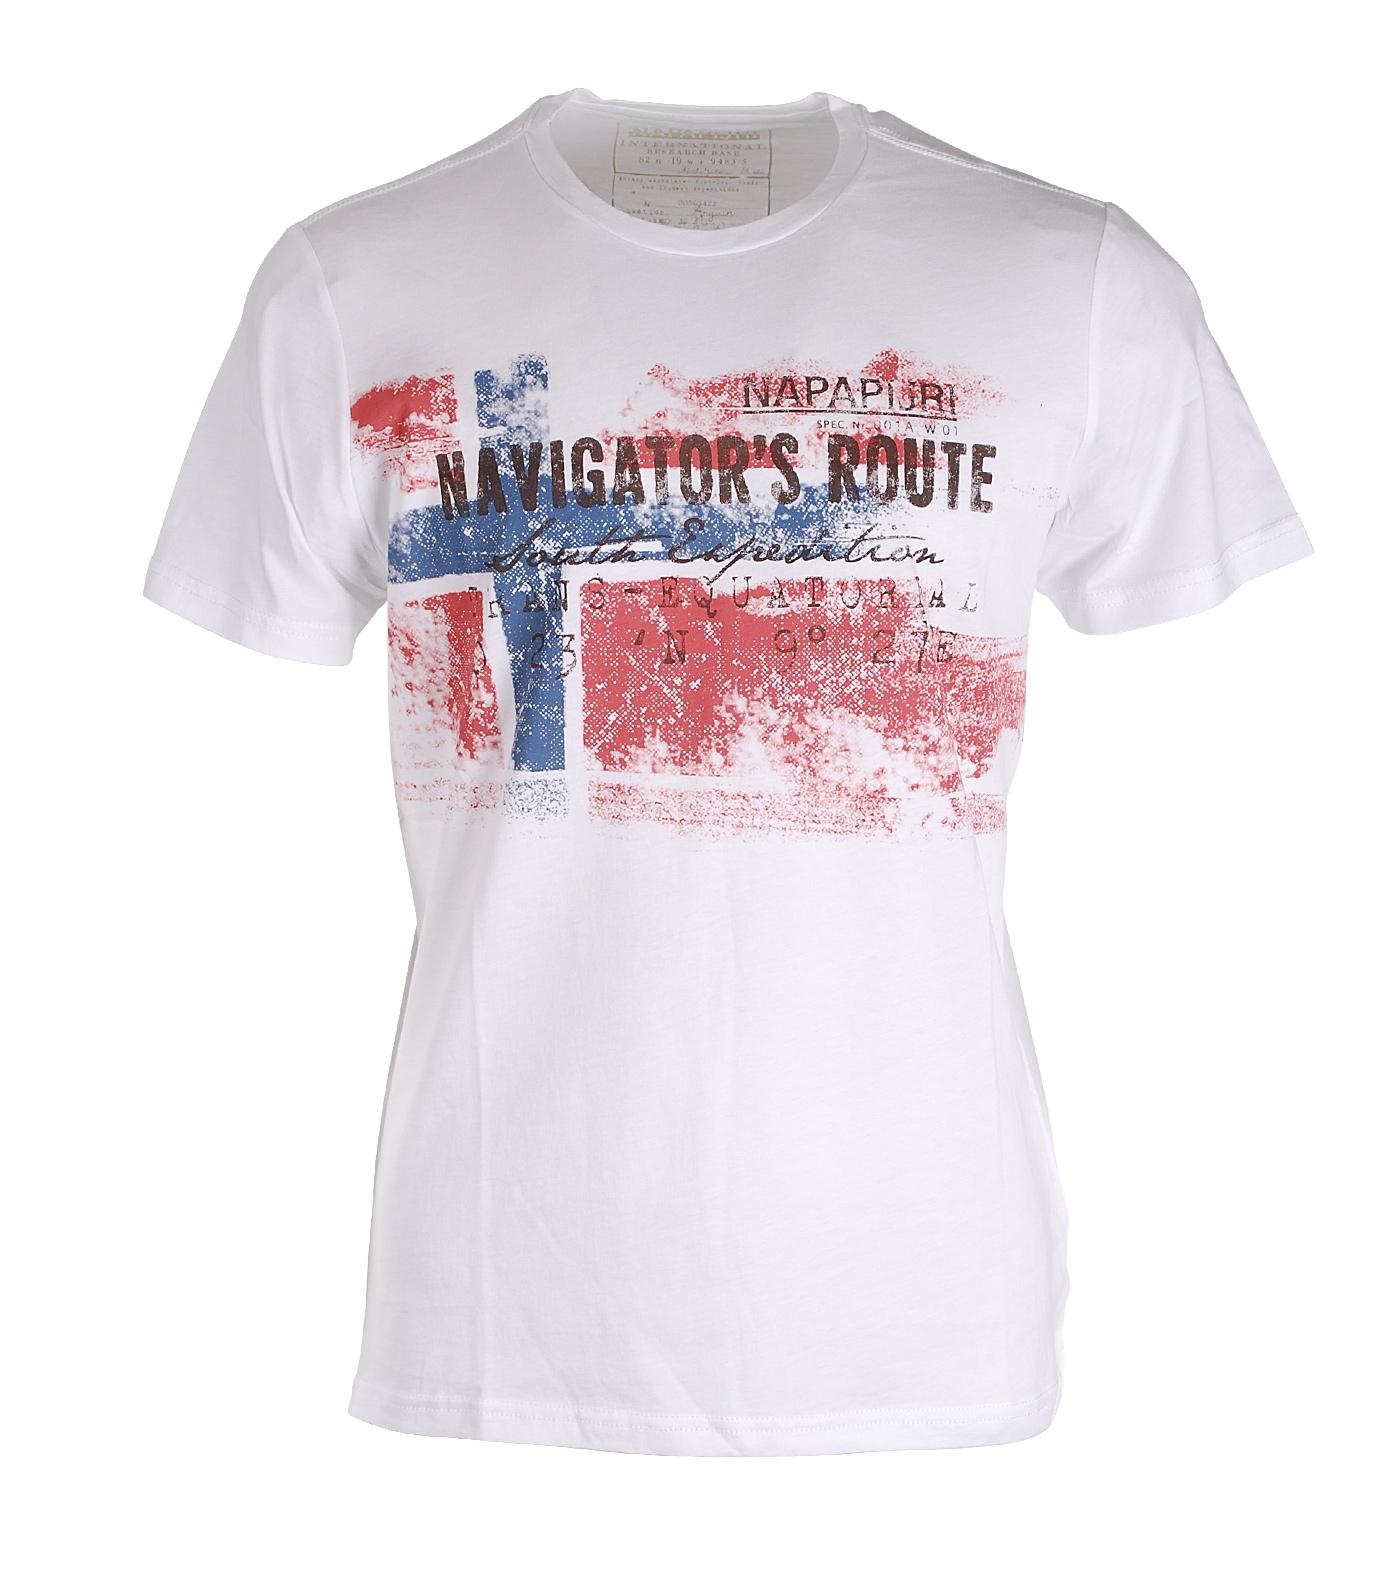 Napapijri t shirt secmara white for Designhotel maastricht comfort xl